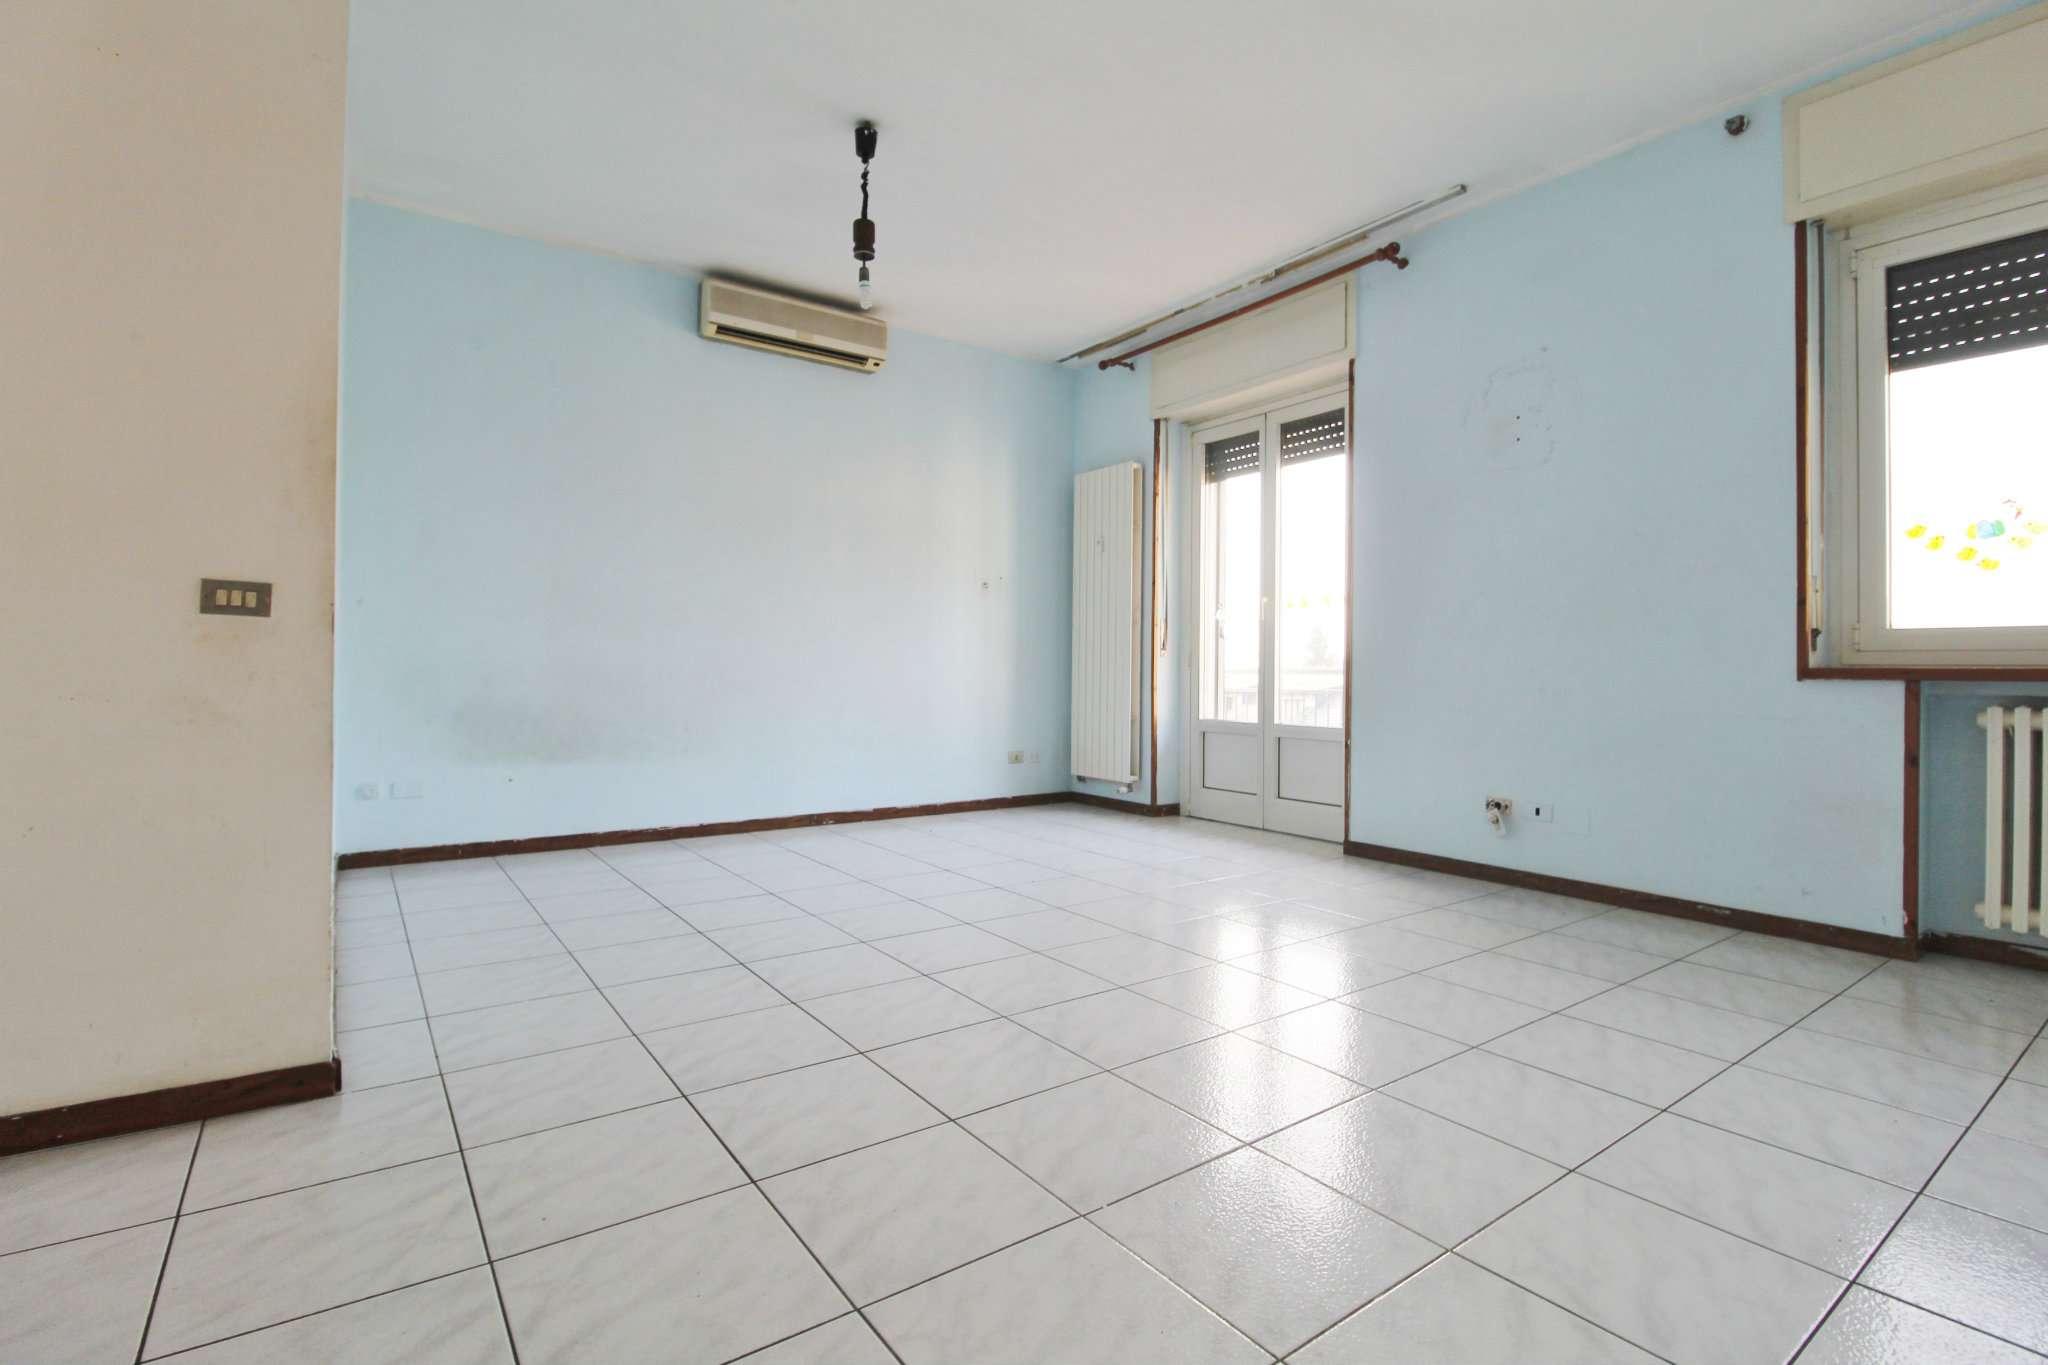 Appartamento in vendita a Vimercate, 3 locali, prezzo € 103.000   CambioCasa.it